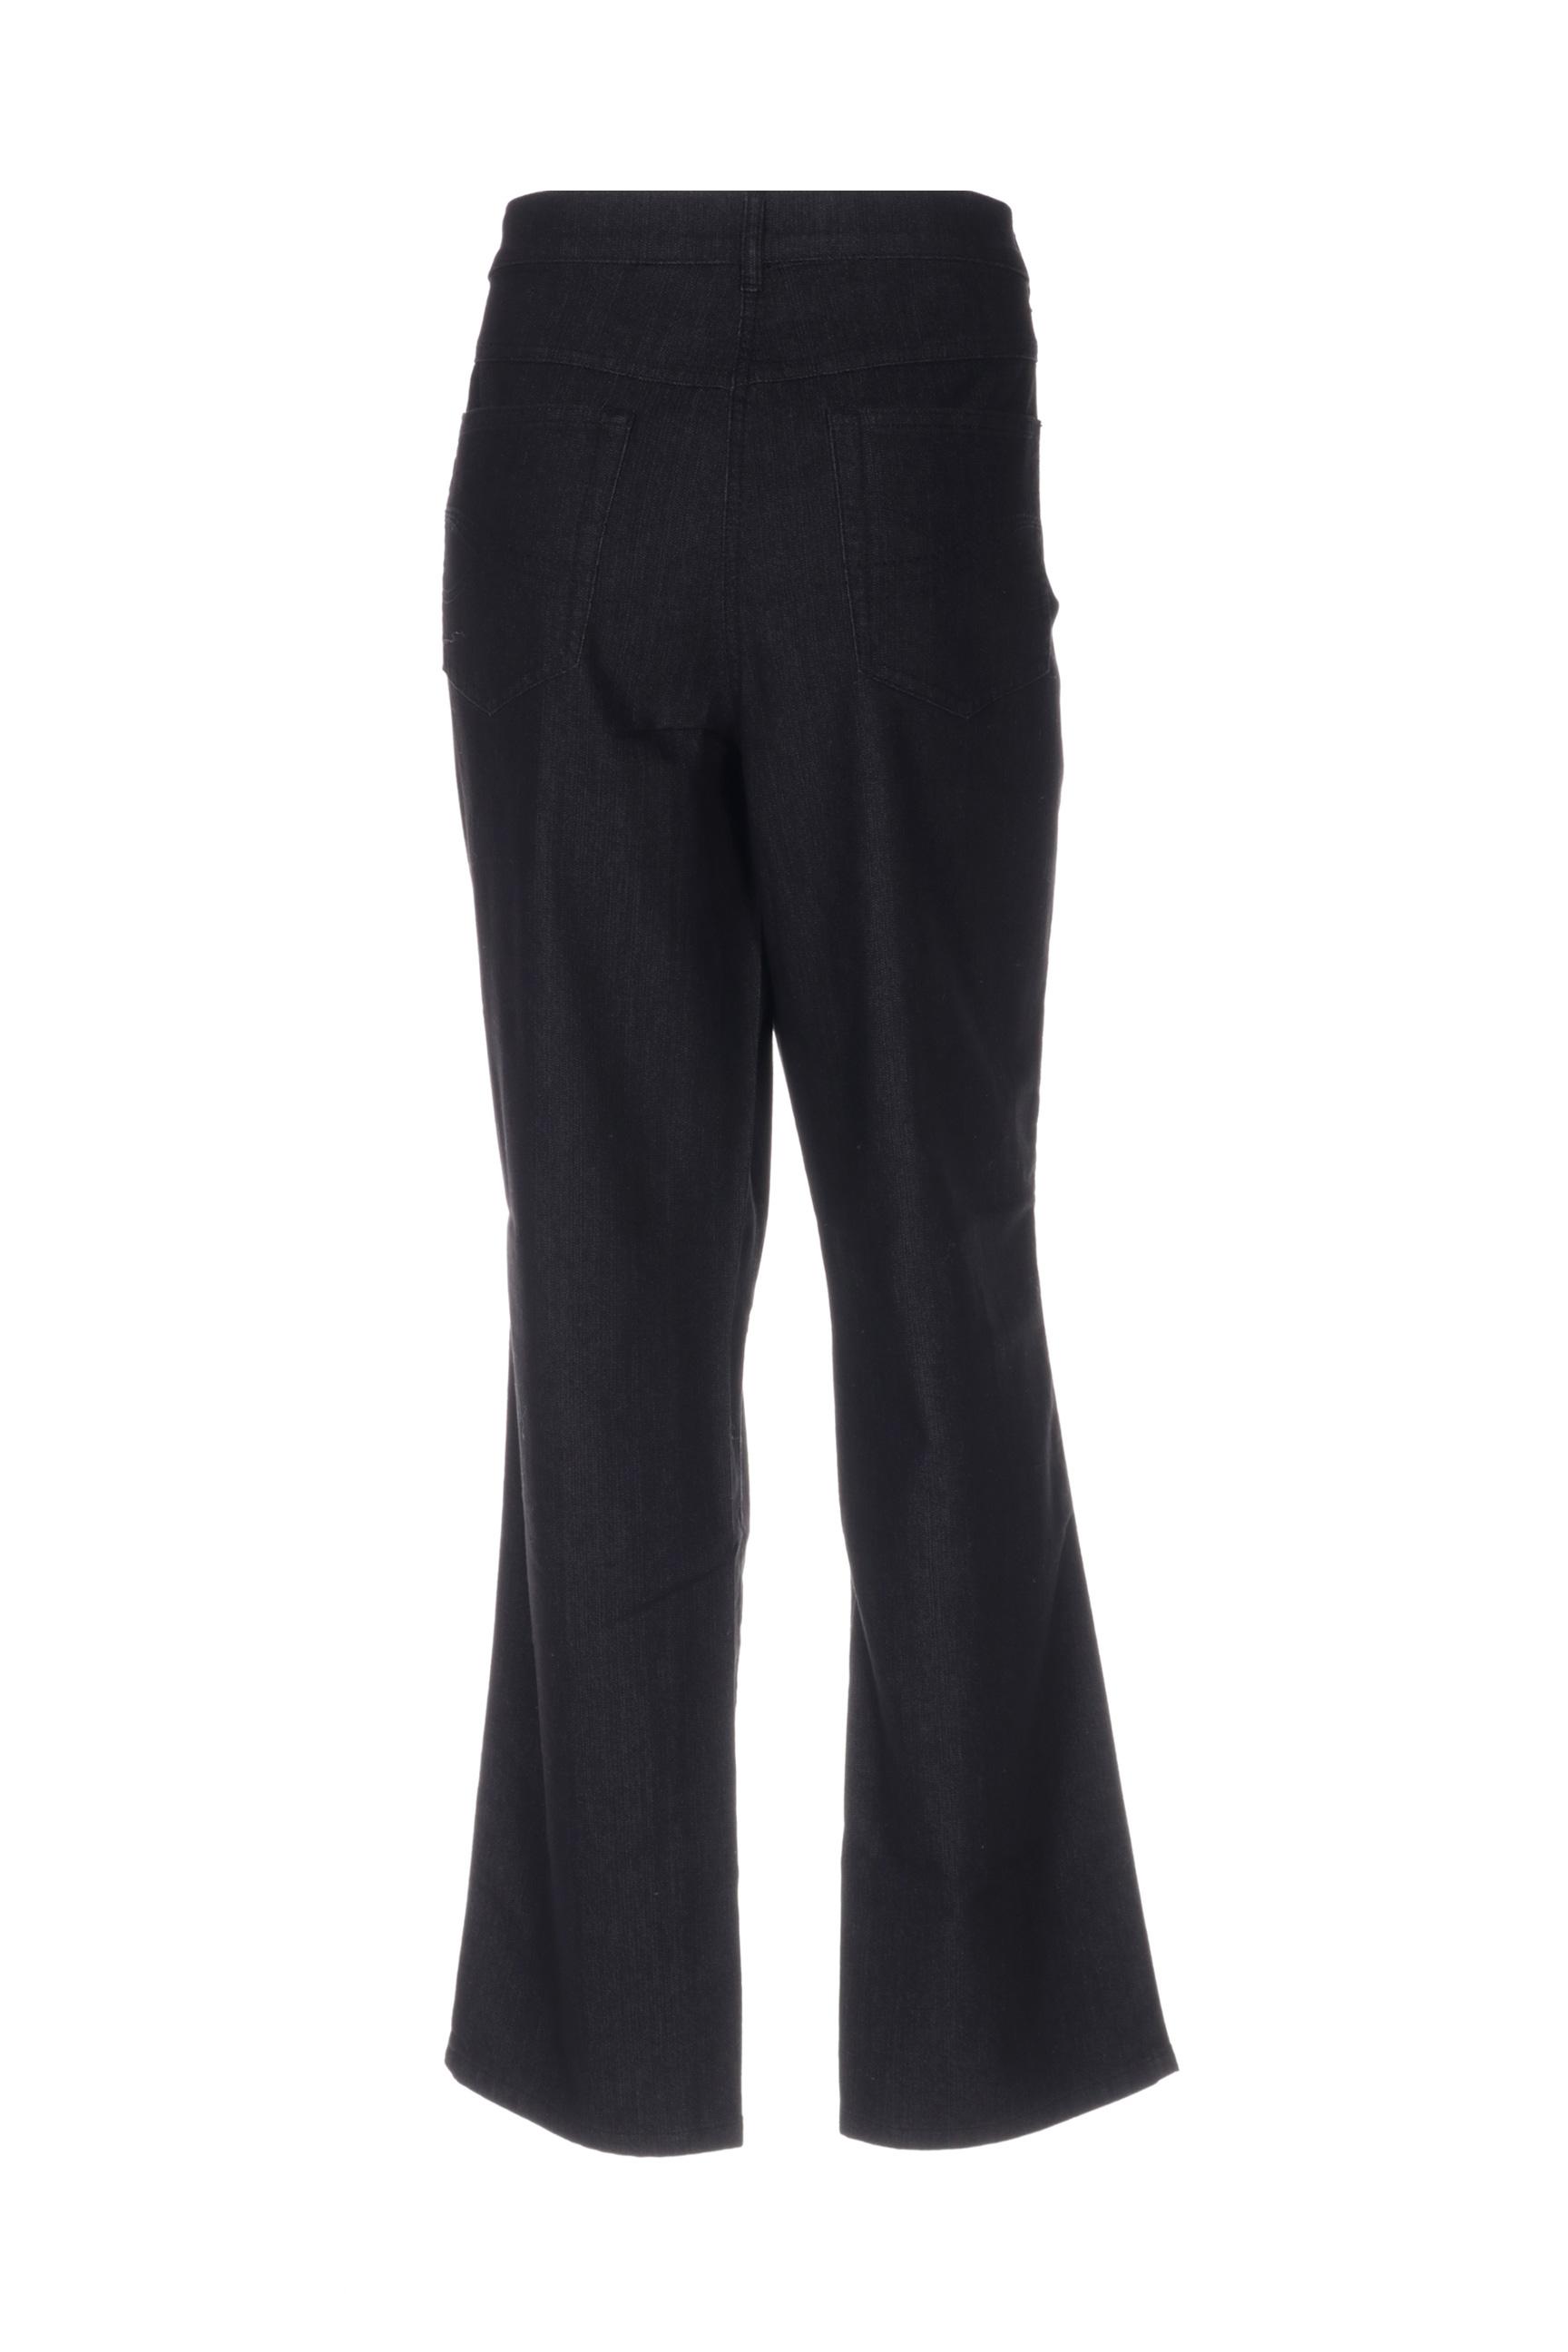 Lebek Pantalons Decontractes Femme De Couleur Noir En Soldes Pas Cher 1377217-noir00